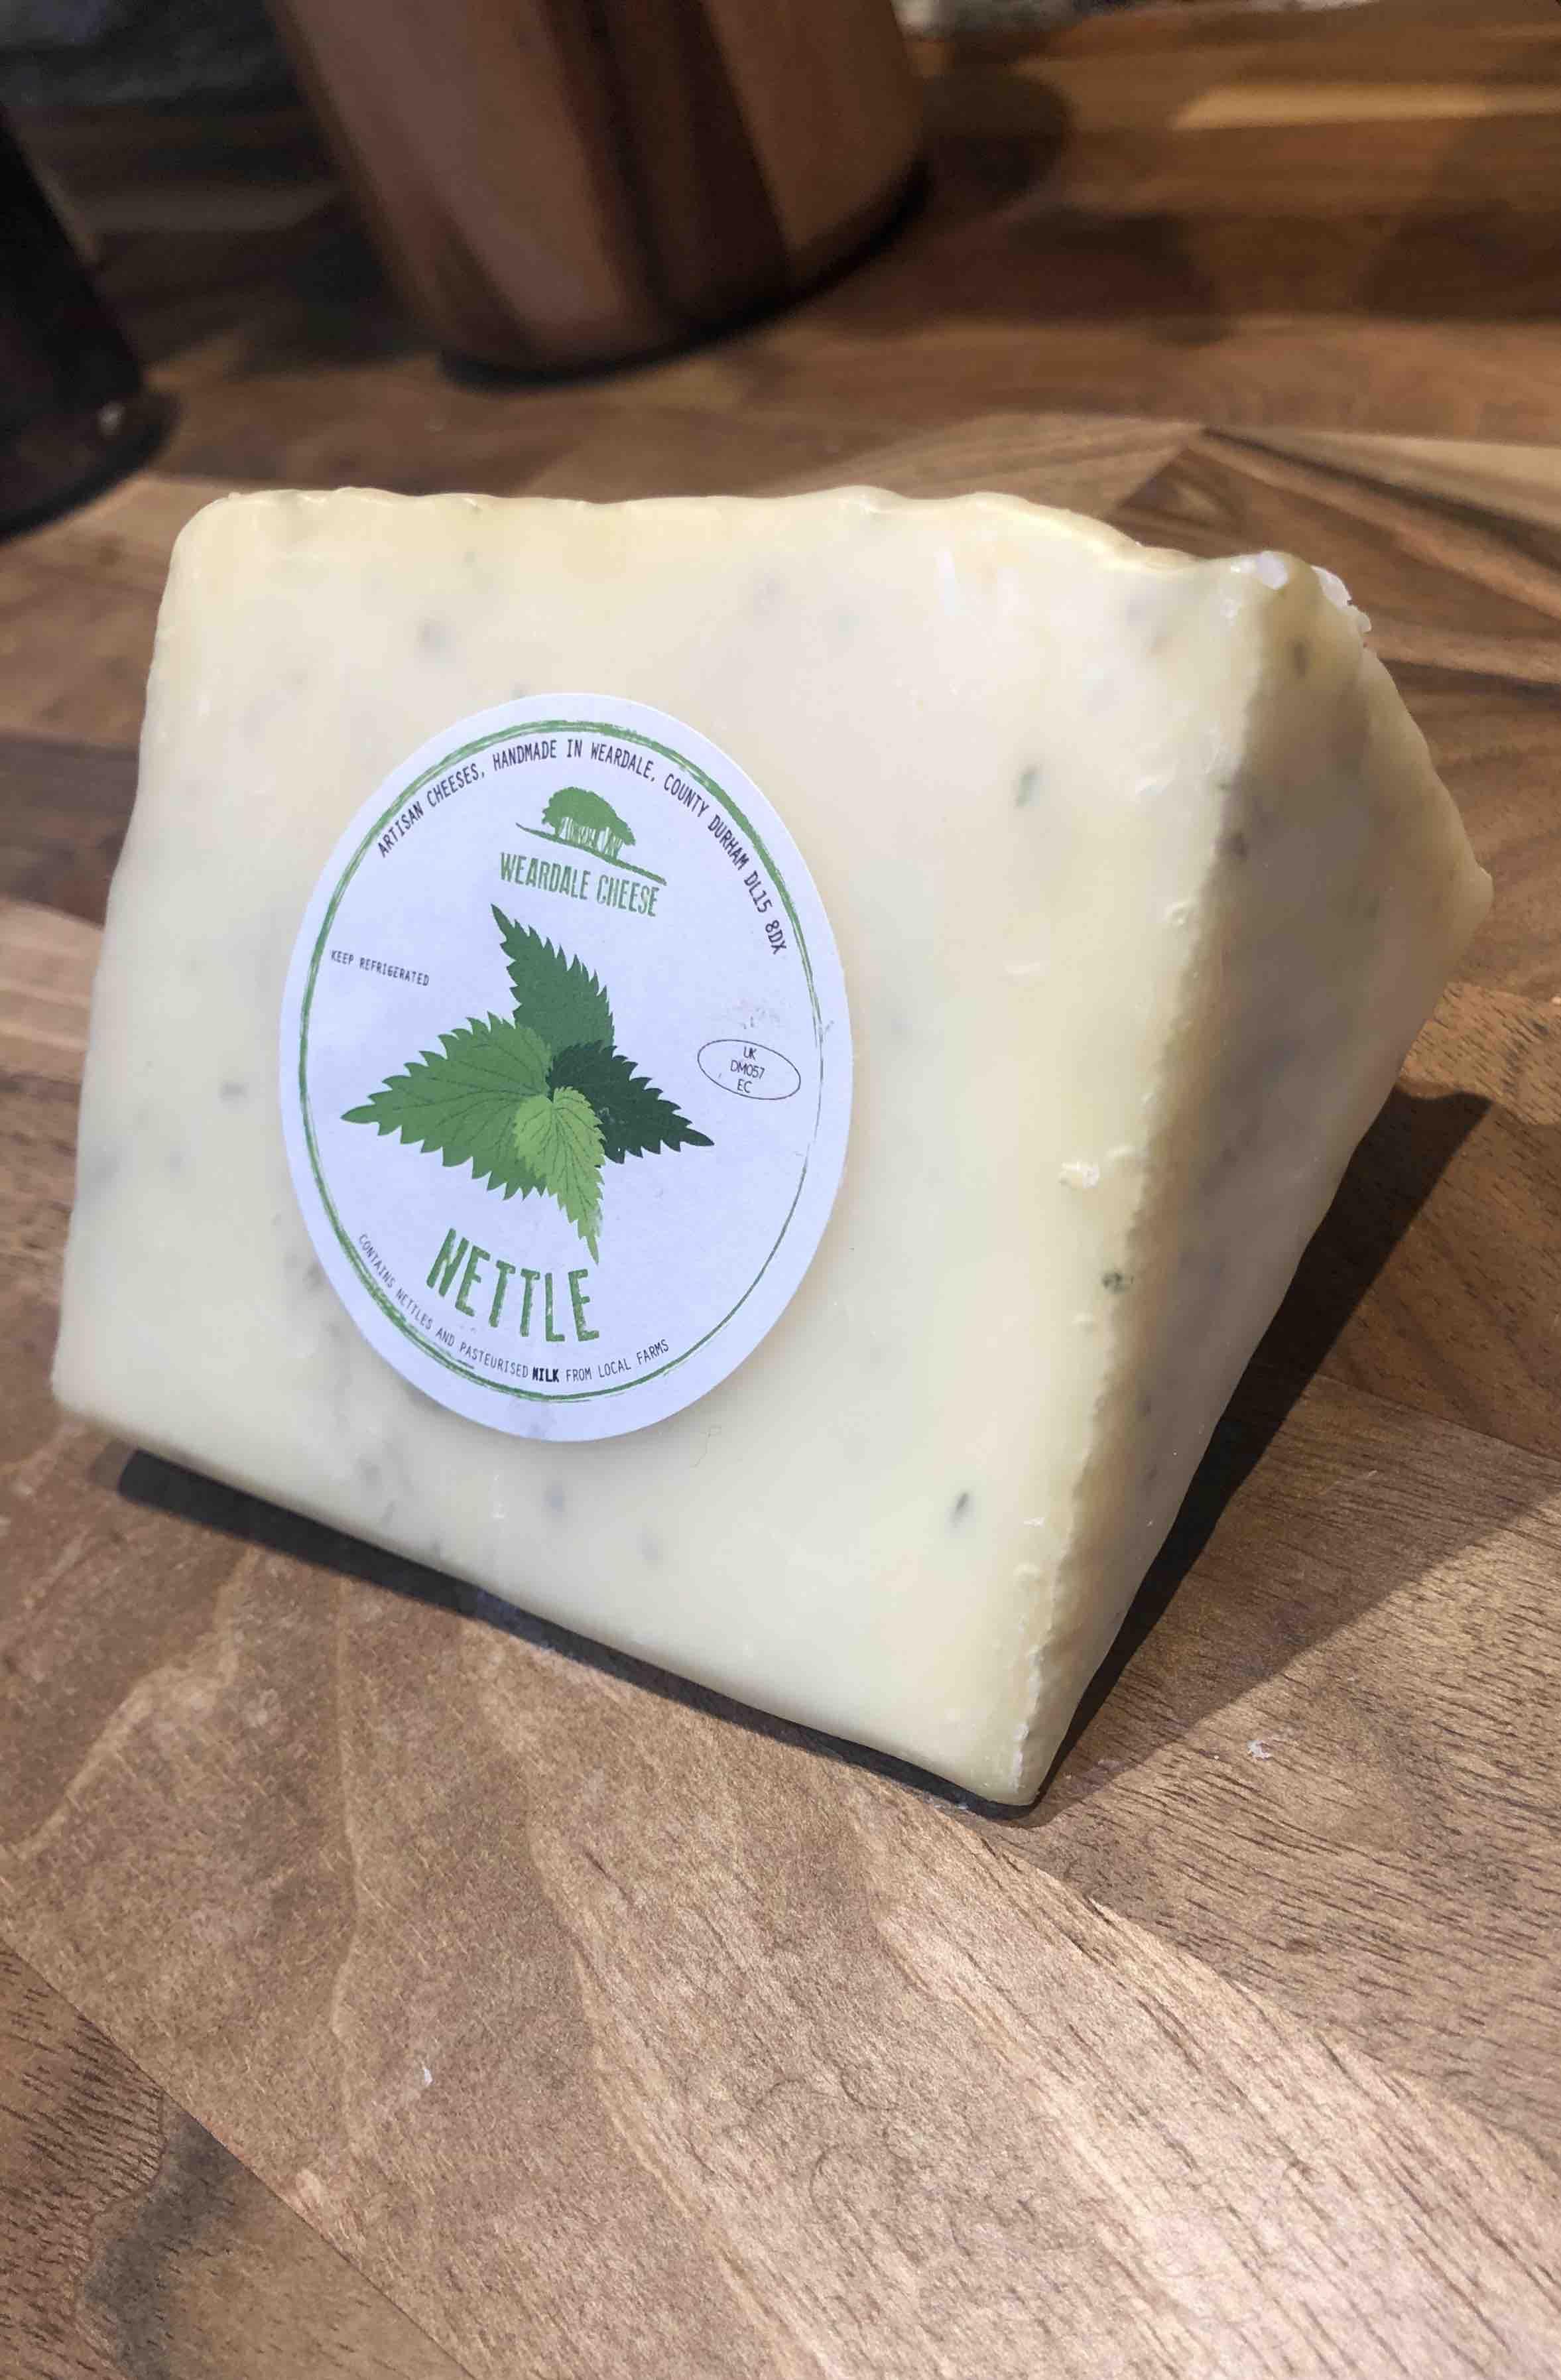 Weardale Cheese 'Nettle' (160g)